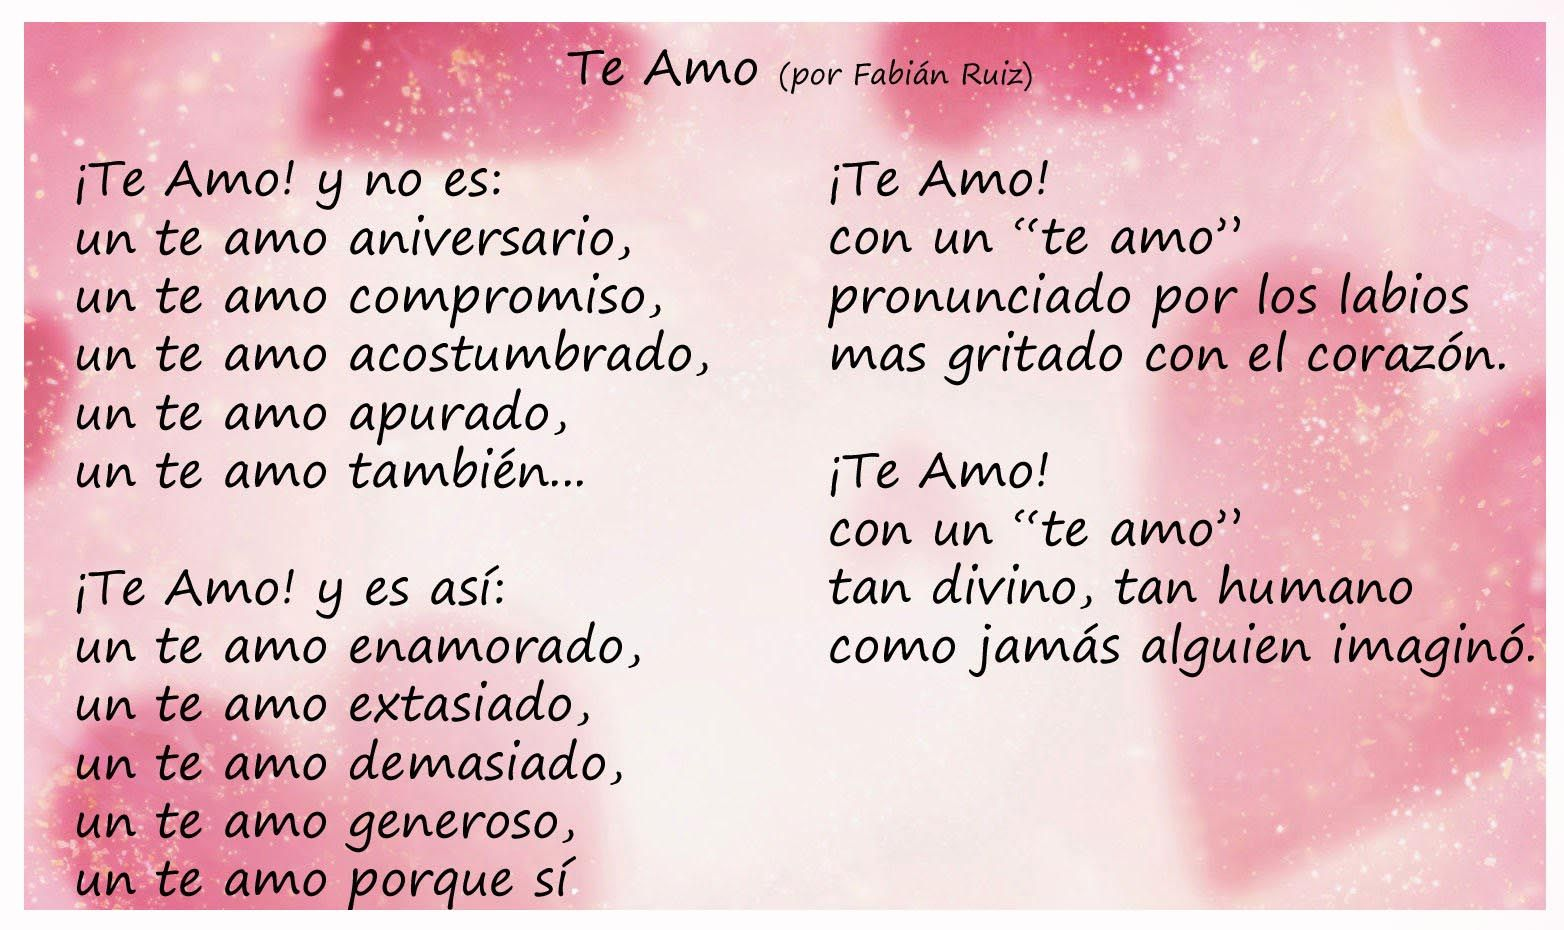 Poemas De Amor Para Enamorar A Una Mujer Hermosa Cortos Poemas